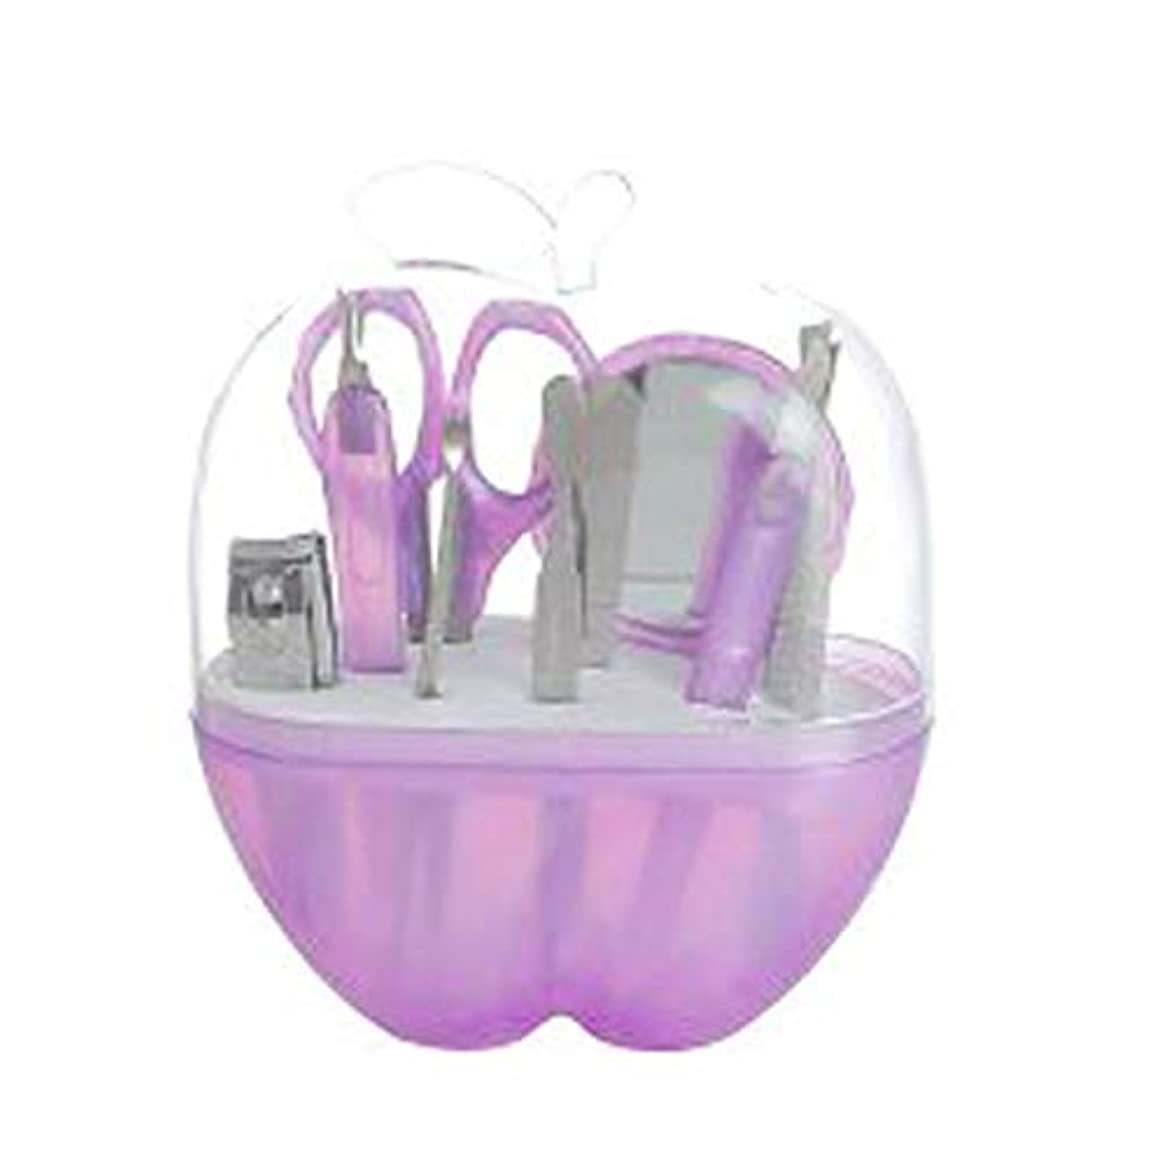 受け皿読みやすさ種9単語ネイルはさみペディキュアナイフマニキュアセットと紫のリンゴの形の収納ケース